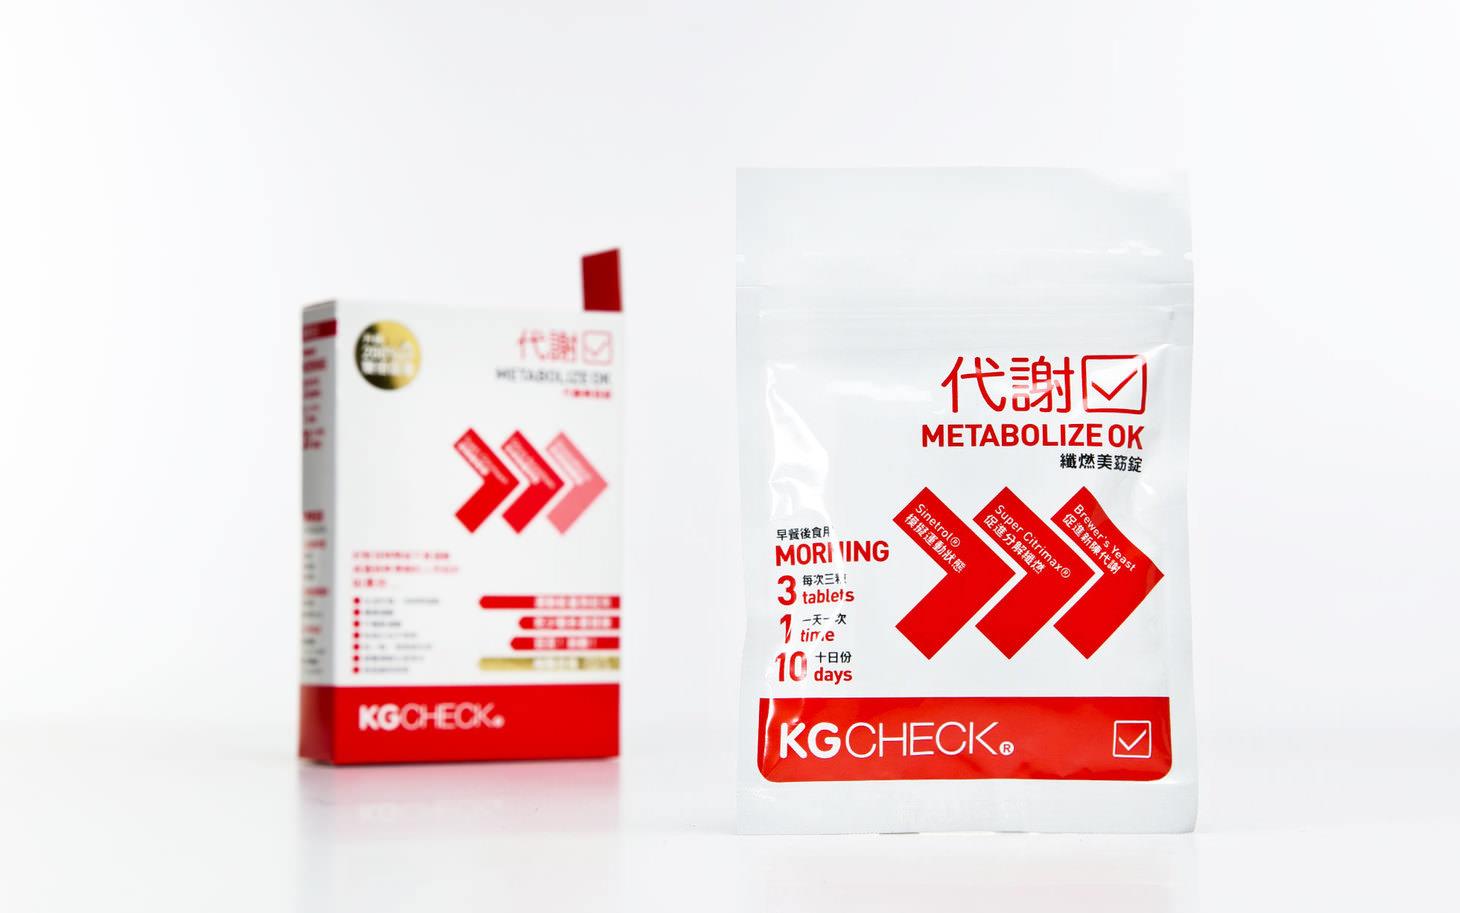 KGC_1960X1225_7.jpg